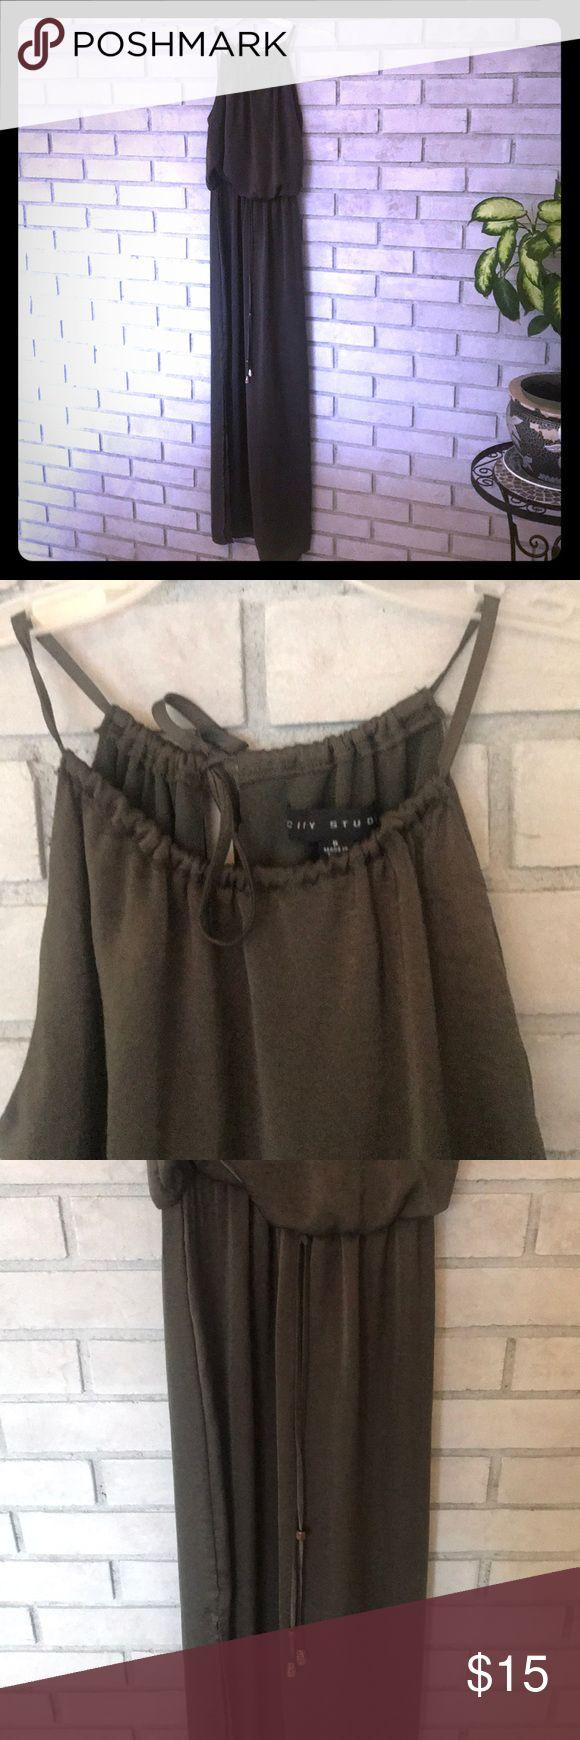 💥Grecian Maxi Dress💥 Wunderschöner Ausschnitt, elastische Taille, Seitenschlitze. Perfekt…   – My Posh Picks